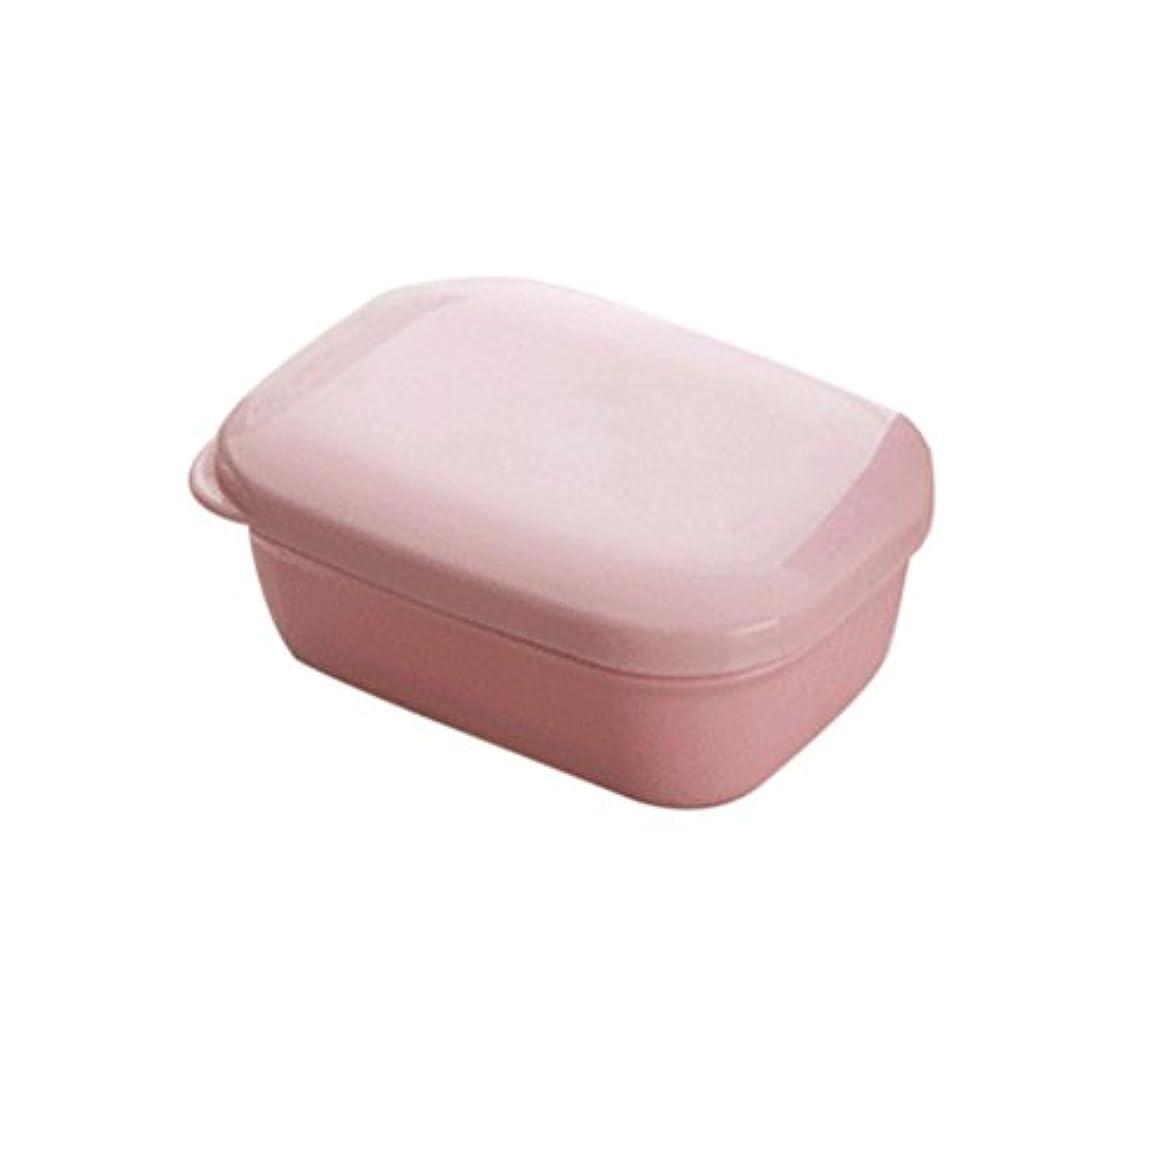 ハイキングに行く注文卑しいBESTOMZ 石鹸ケース 石鹸置き ソープディッシュ 旅行用 携帯 ふた付け(ピンク)